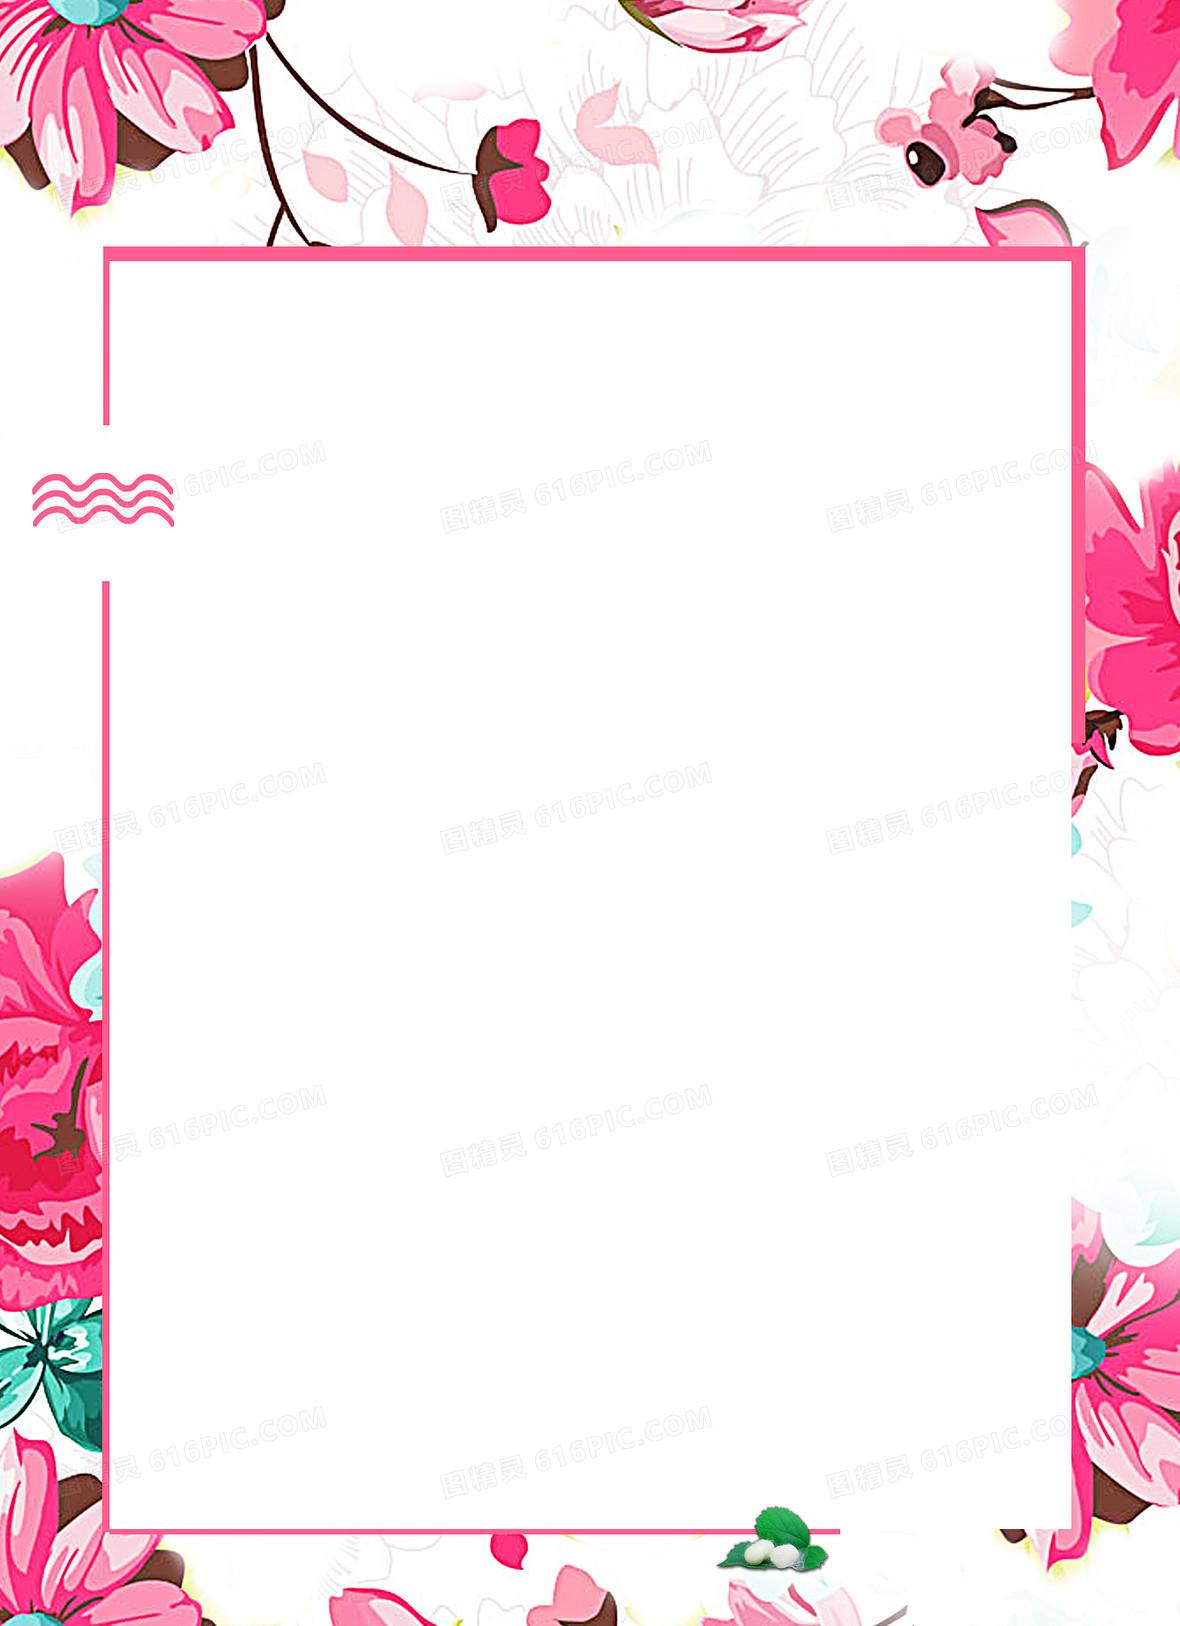 手绘花朵美容护肤宣传海报背景